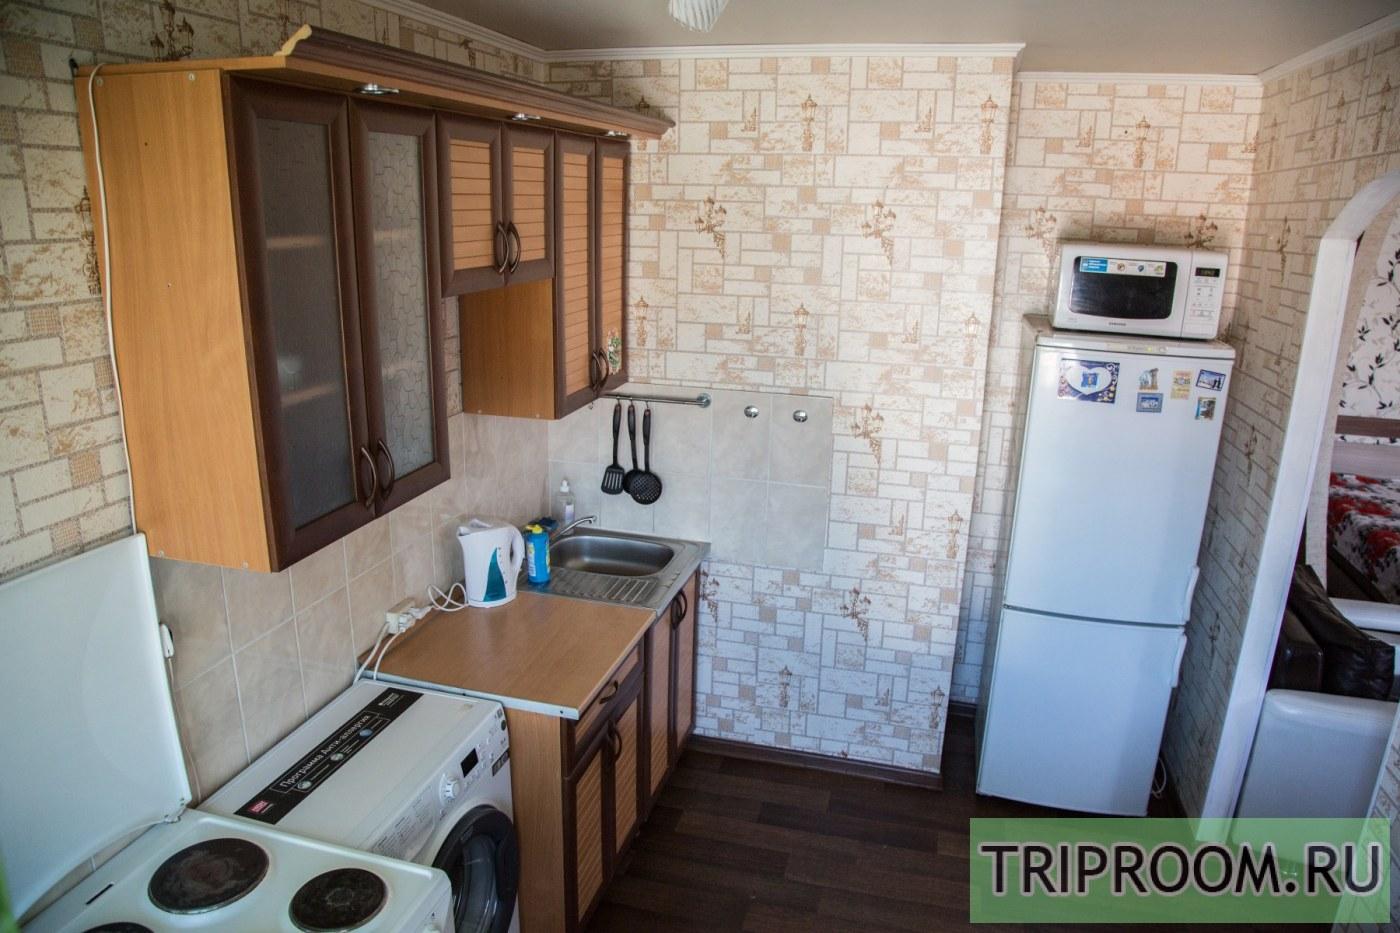 1-комнатная квартира посуточно (вариант № 37503), ул. Ленина улица, фото № 7